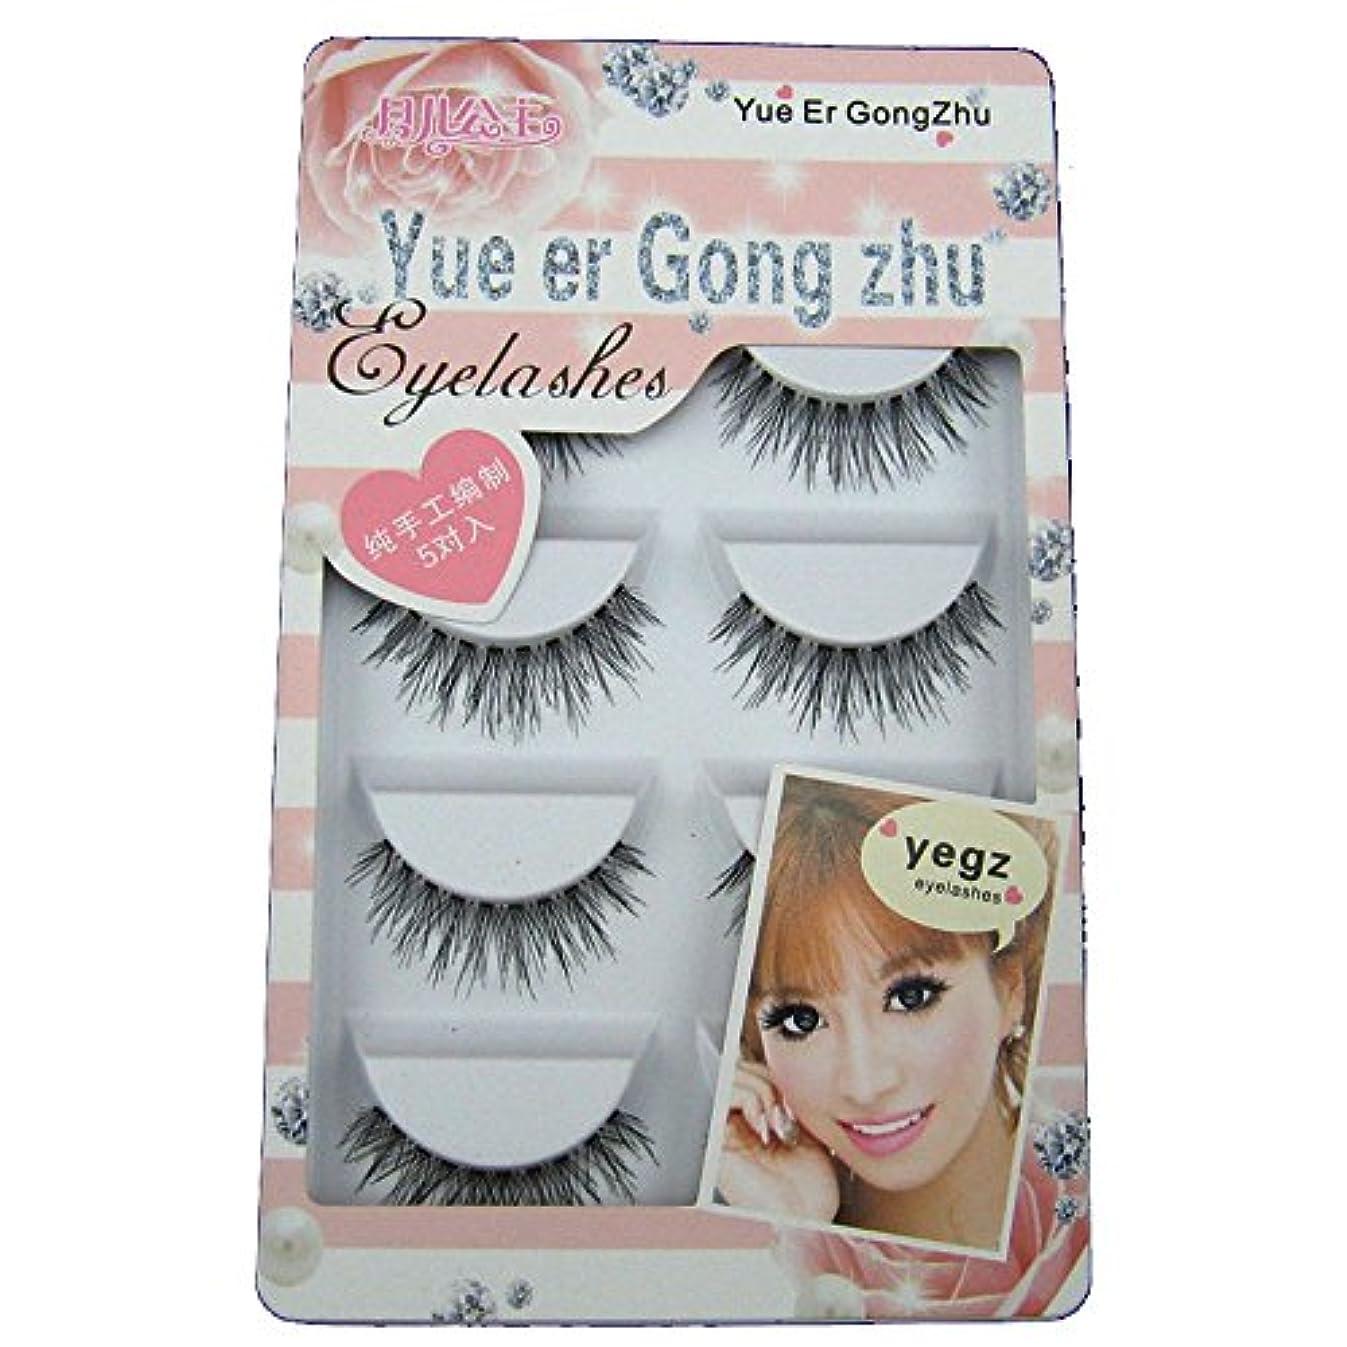 感じる豊かな幹Akane 5組 新和風 月の姫 Yue Er Gong Zhu 高品質 ブラック 濃密 使いやすい つけまつげ アイラッシュ Eyelashes (1cm-1.5cm)